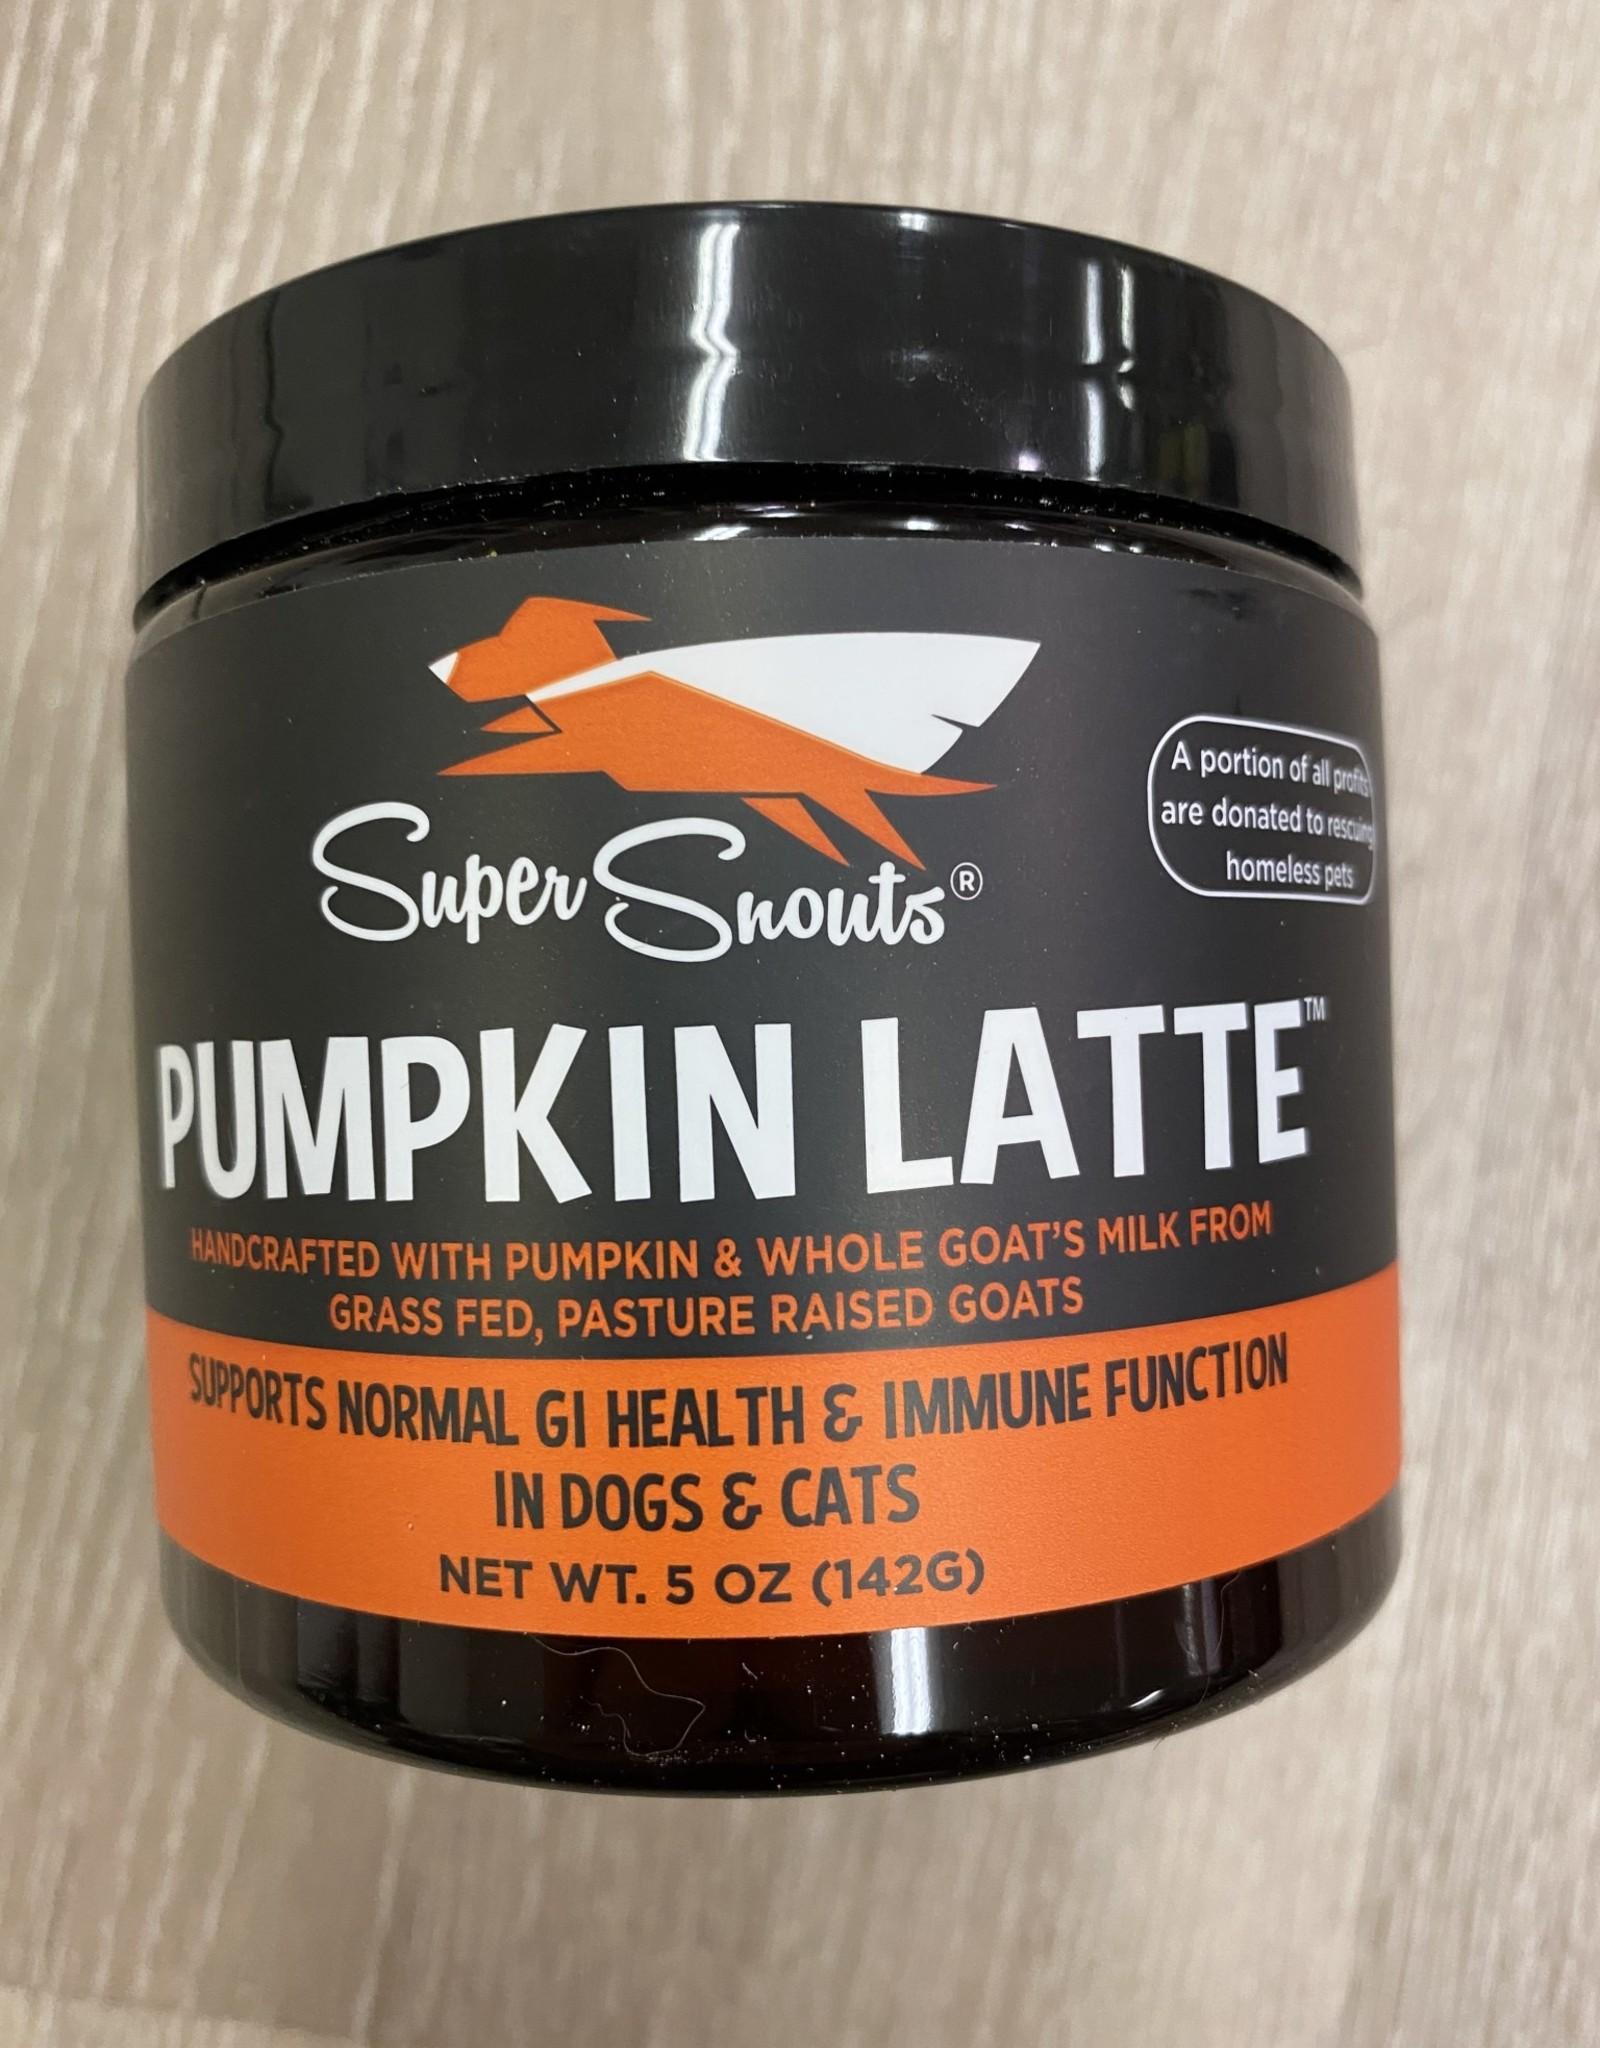 Super Snouts Pumpkin Latte 5oz